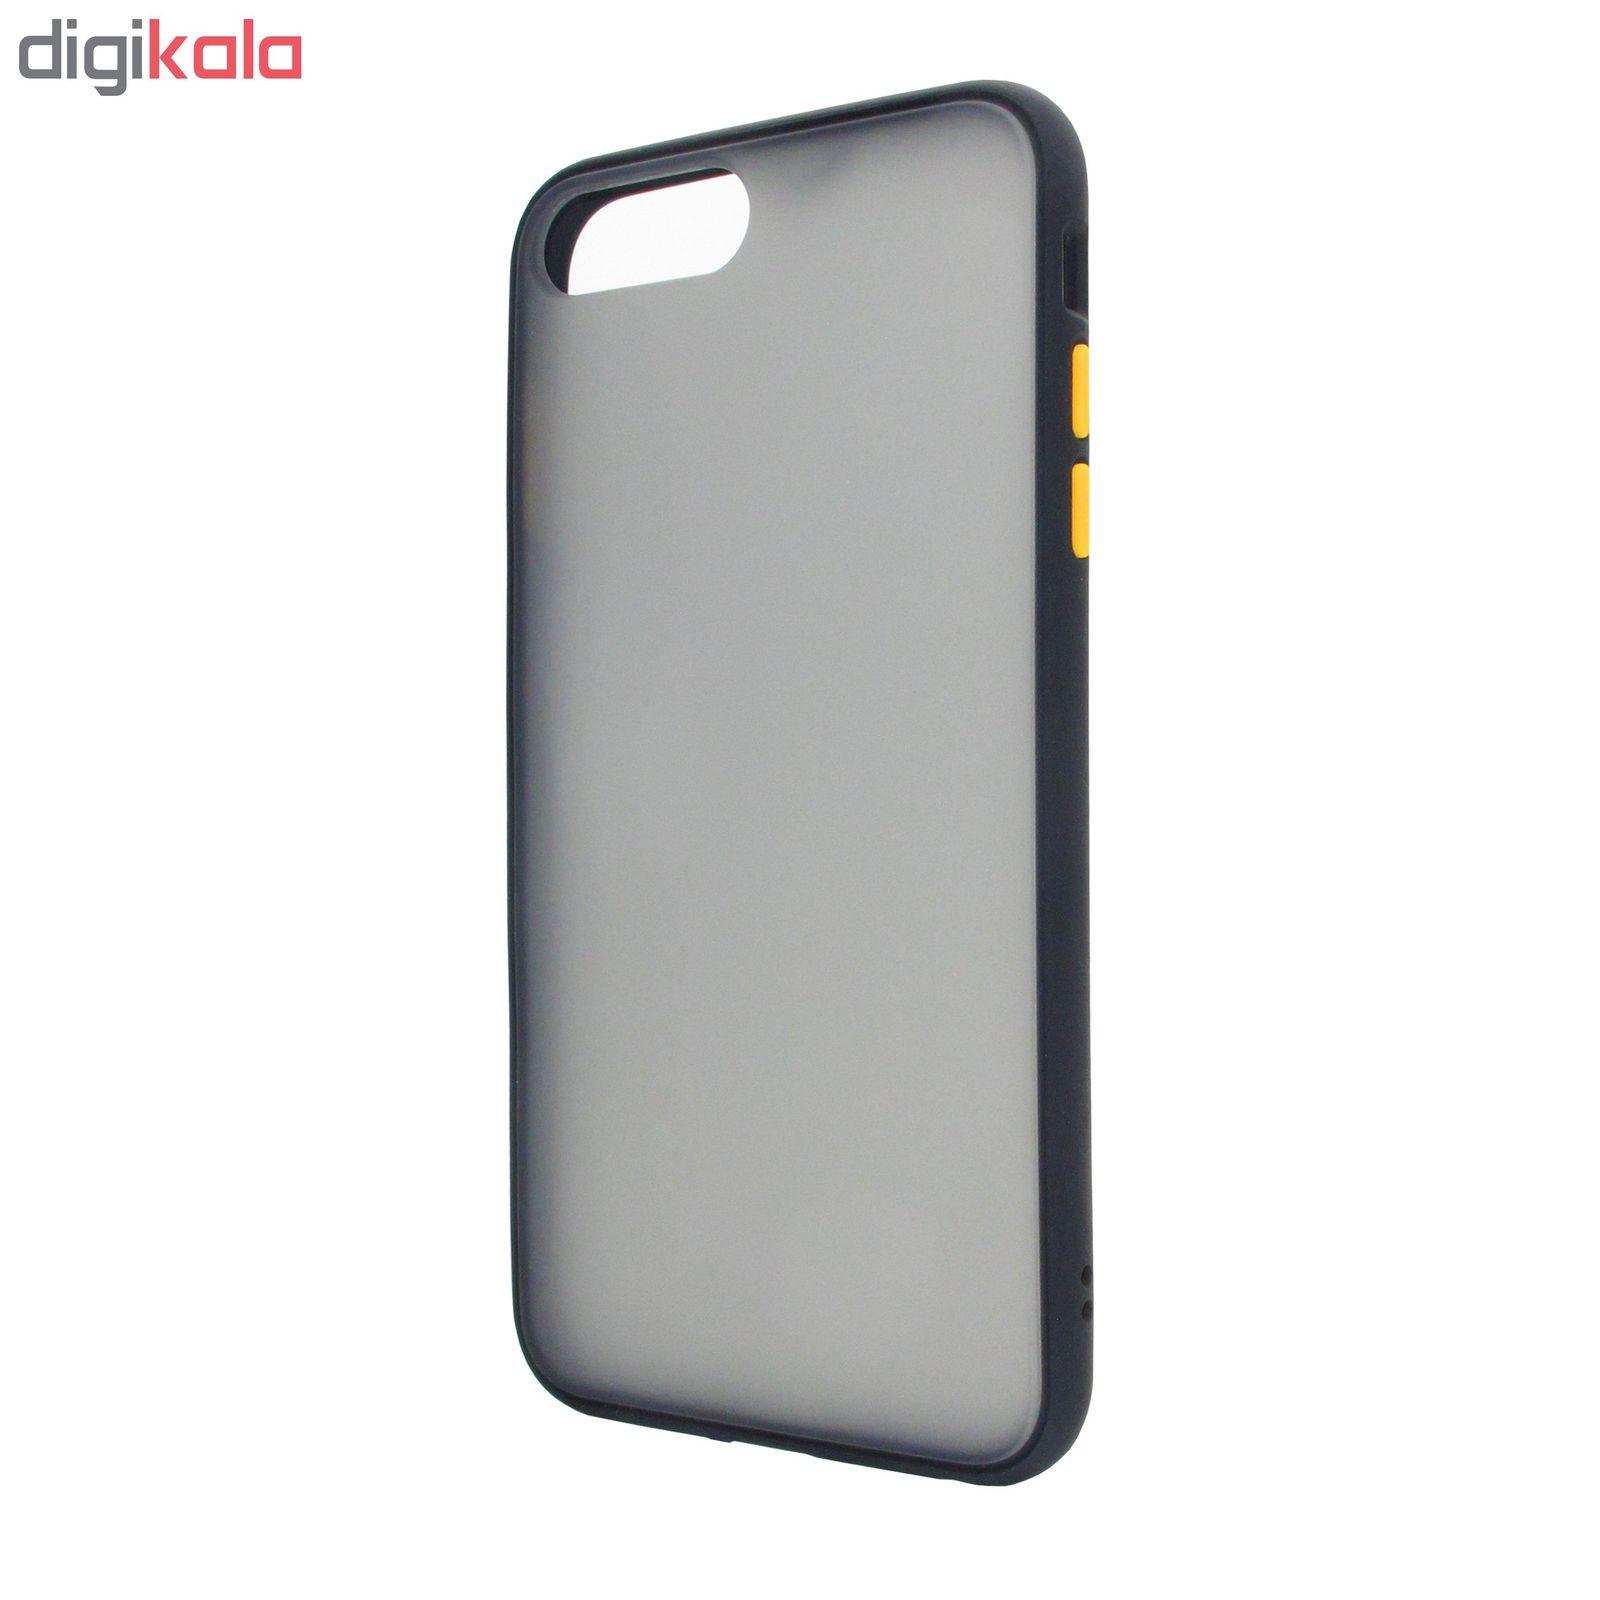 کاور مدل GS-MC مناسب برای گوشی موبایل اپل Iphone 7Plus/8 plus main 1 2